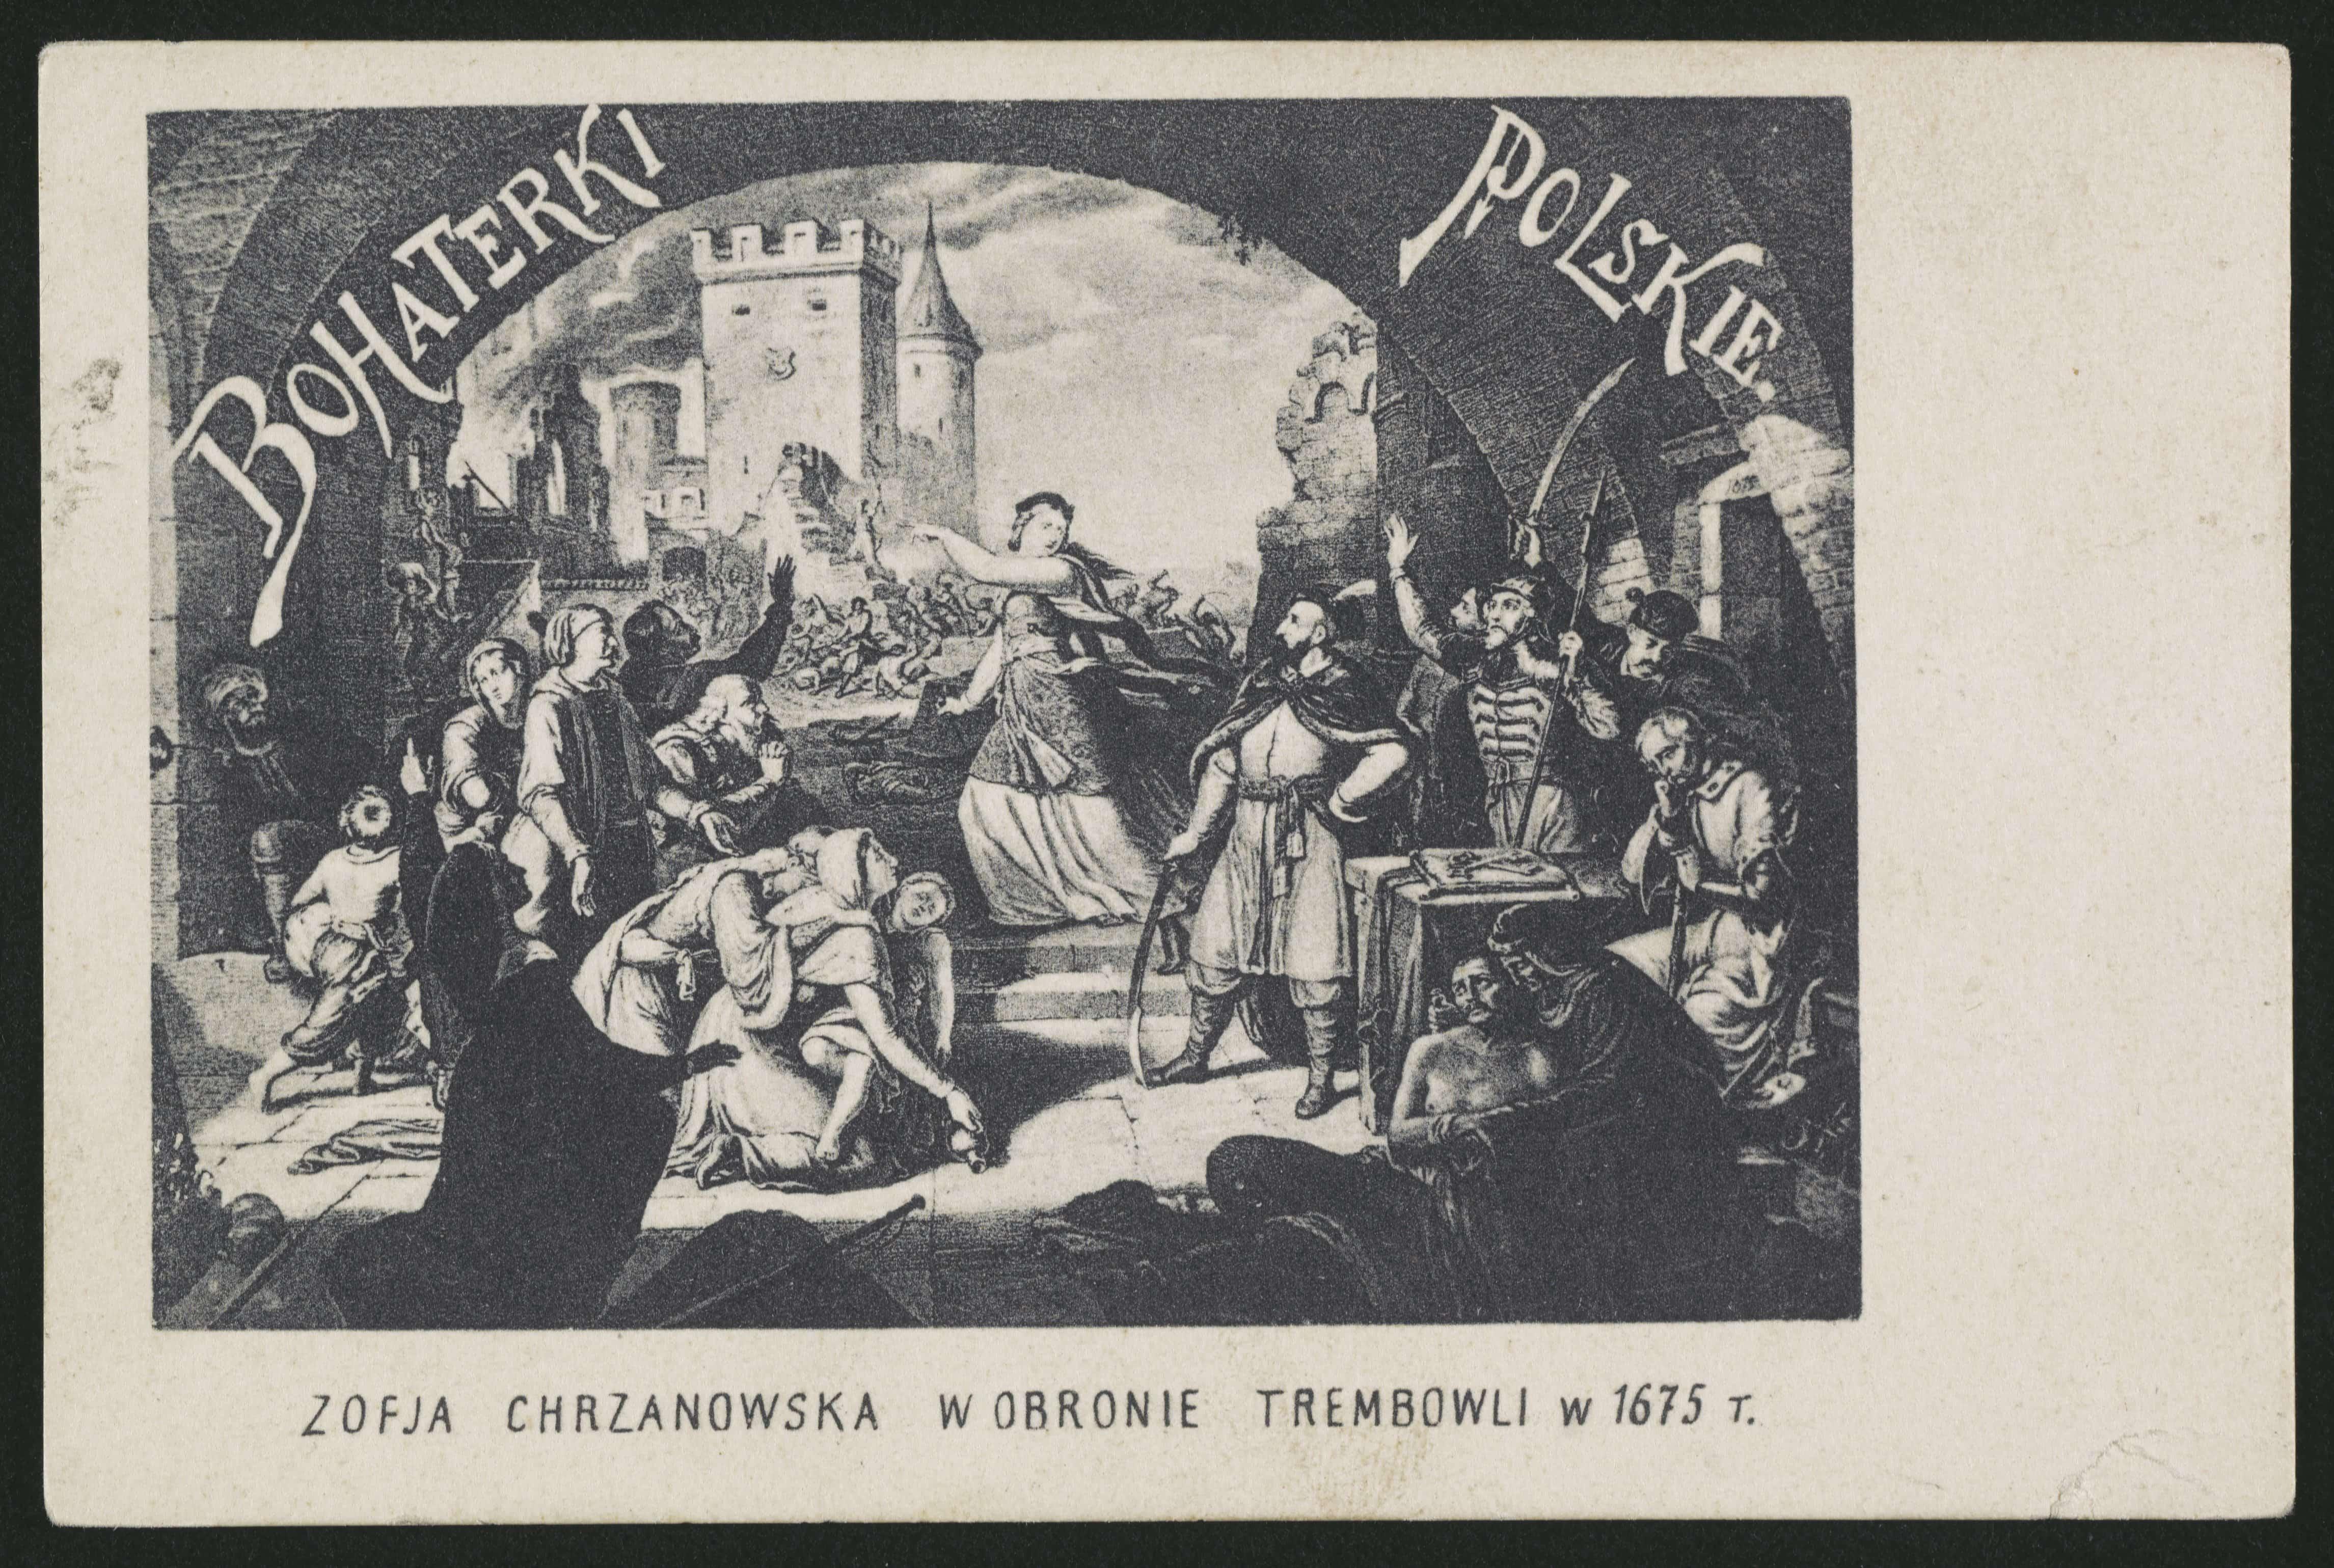 Pocztówka Bohaterki polskie: Zofia Chrznowska w obronie Trembowli w 1675 r. Źródło: Polona